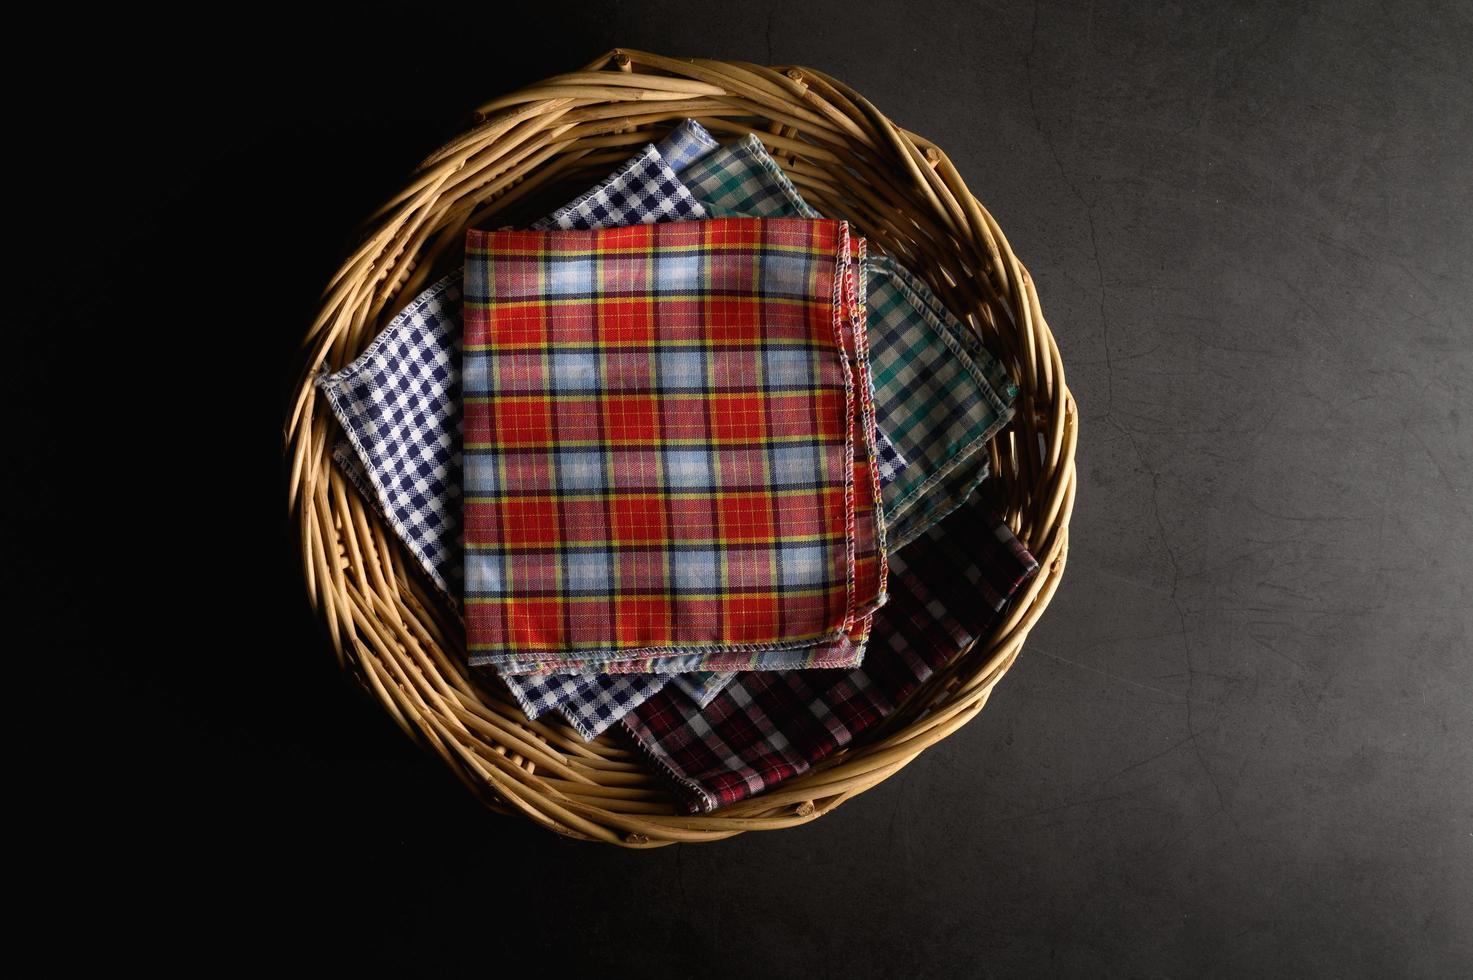 lenços colocados em uma cesta de madeira foto